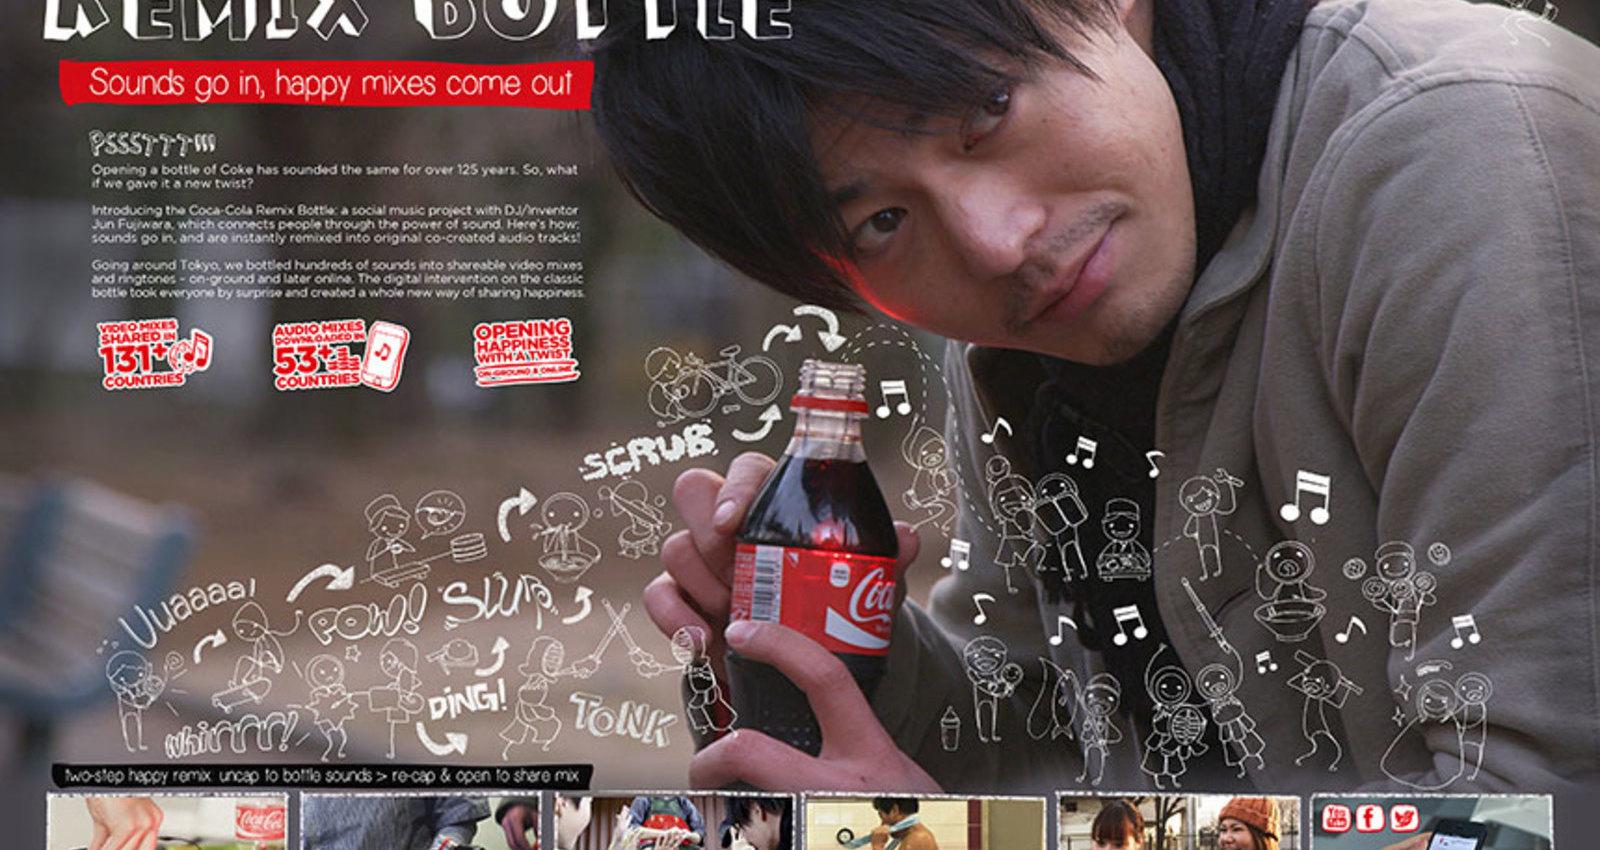 The Coca-Cola Remix Bottle